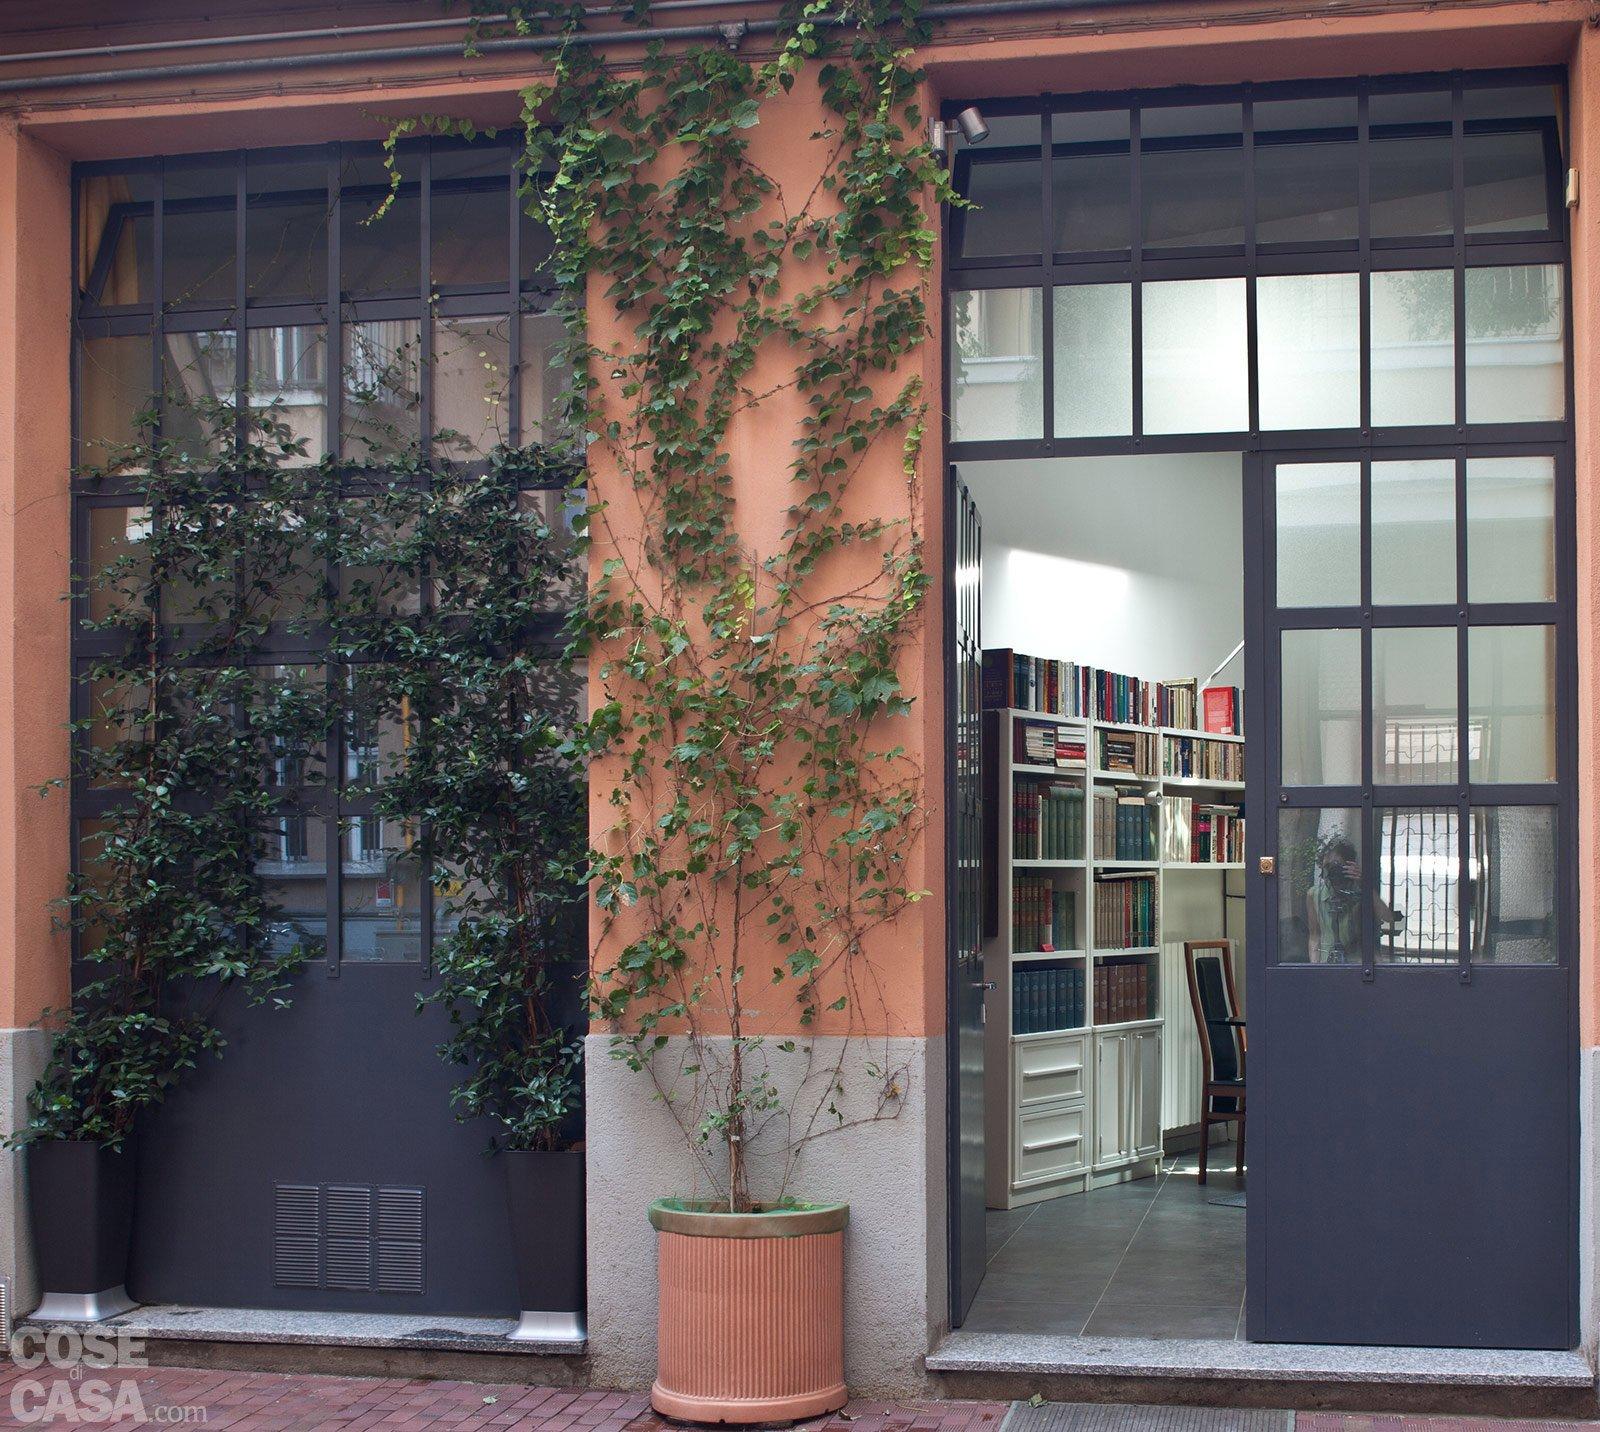 Casabook immobiliare loft una casa rinnovata con tante idee - Ingresso casa esterno ...